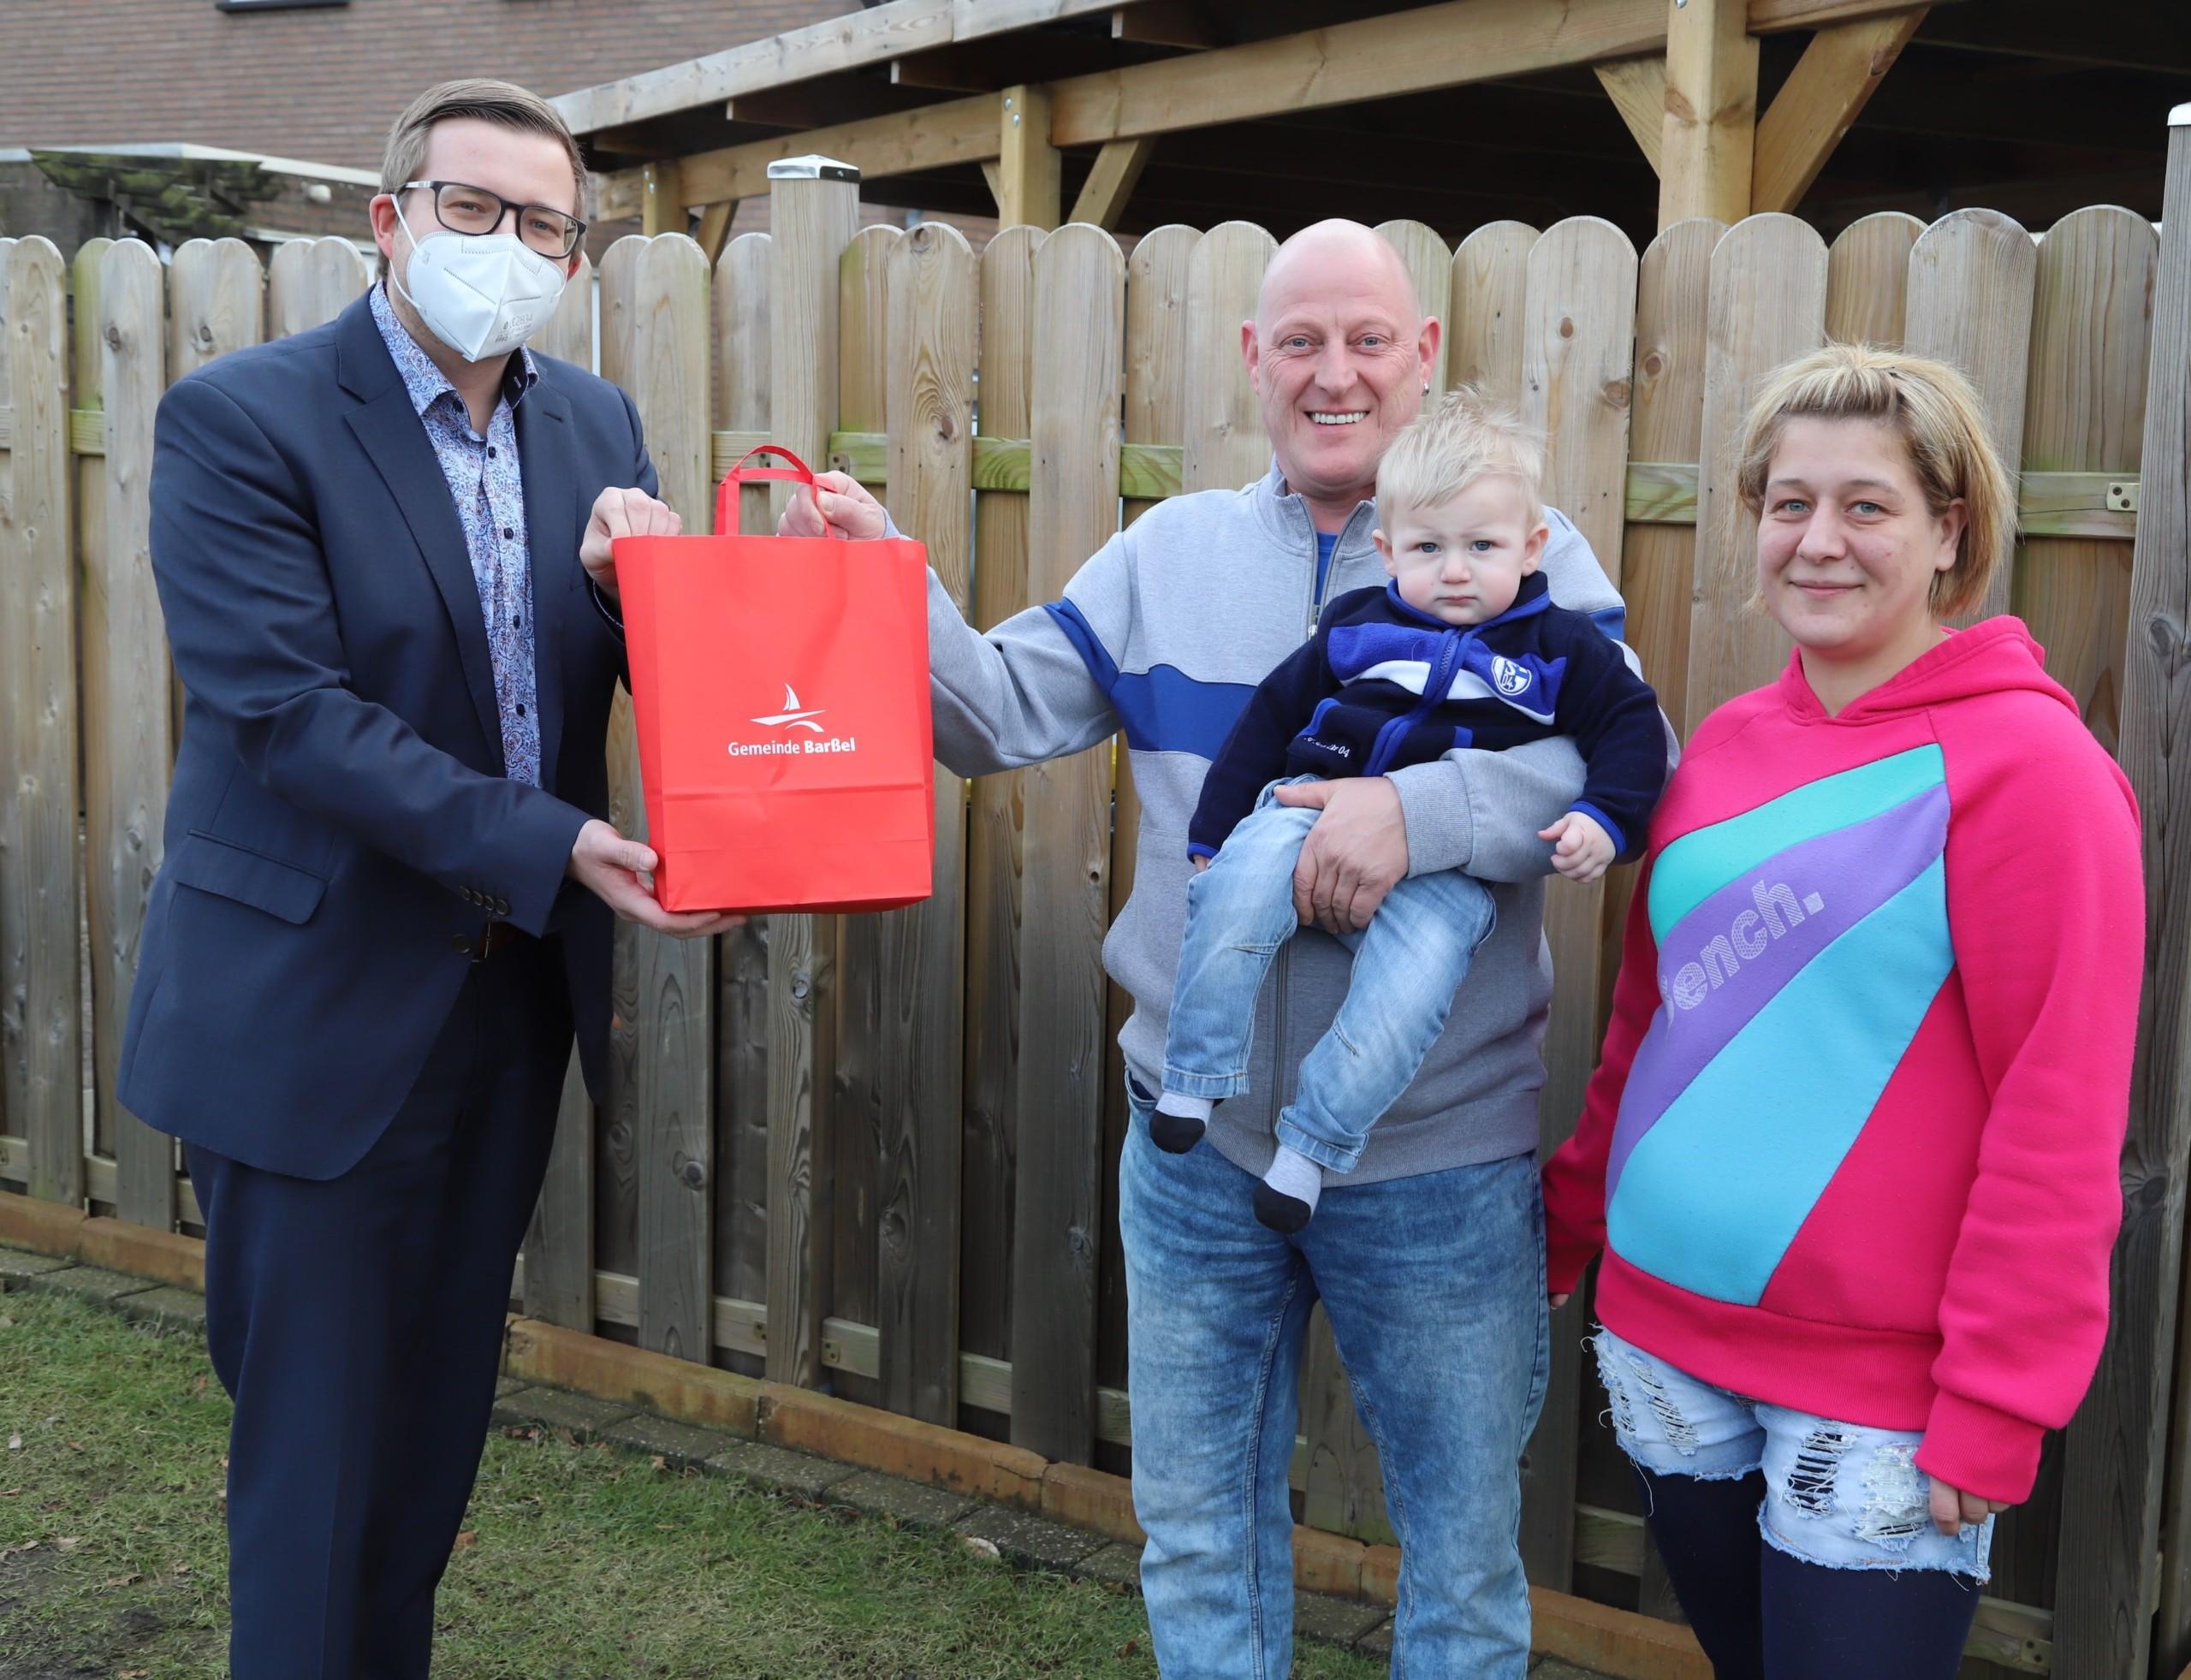 Bürgermeister Nils Anhuth überreicht Henri und Nicole Kober das Begrüßungsgeschenk für Sohn Klaus. Aufnahme: Johannes Passmann